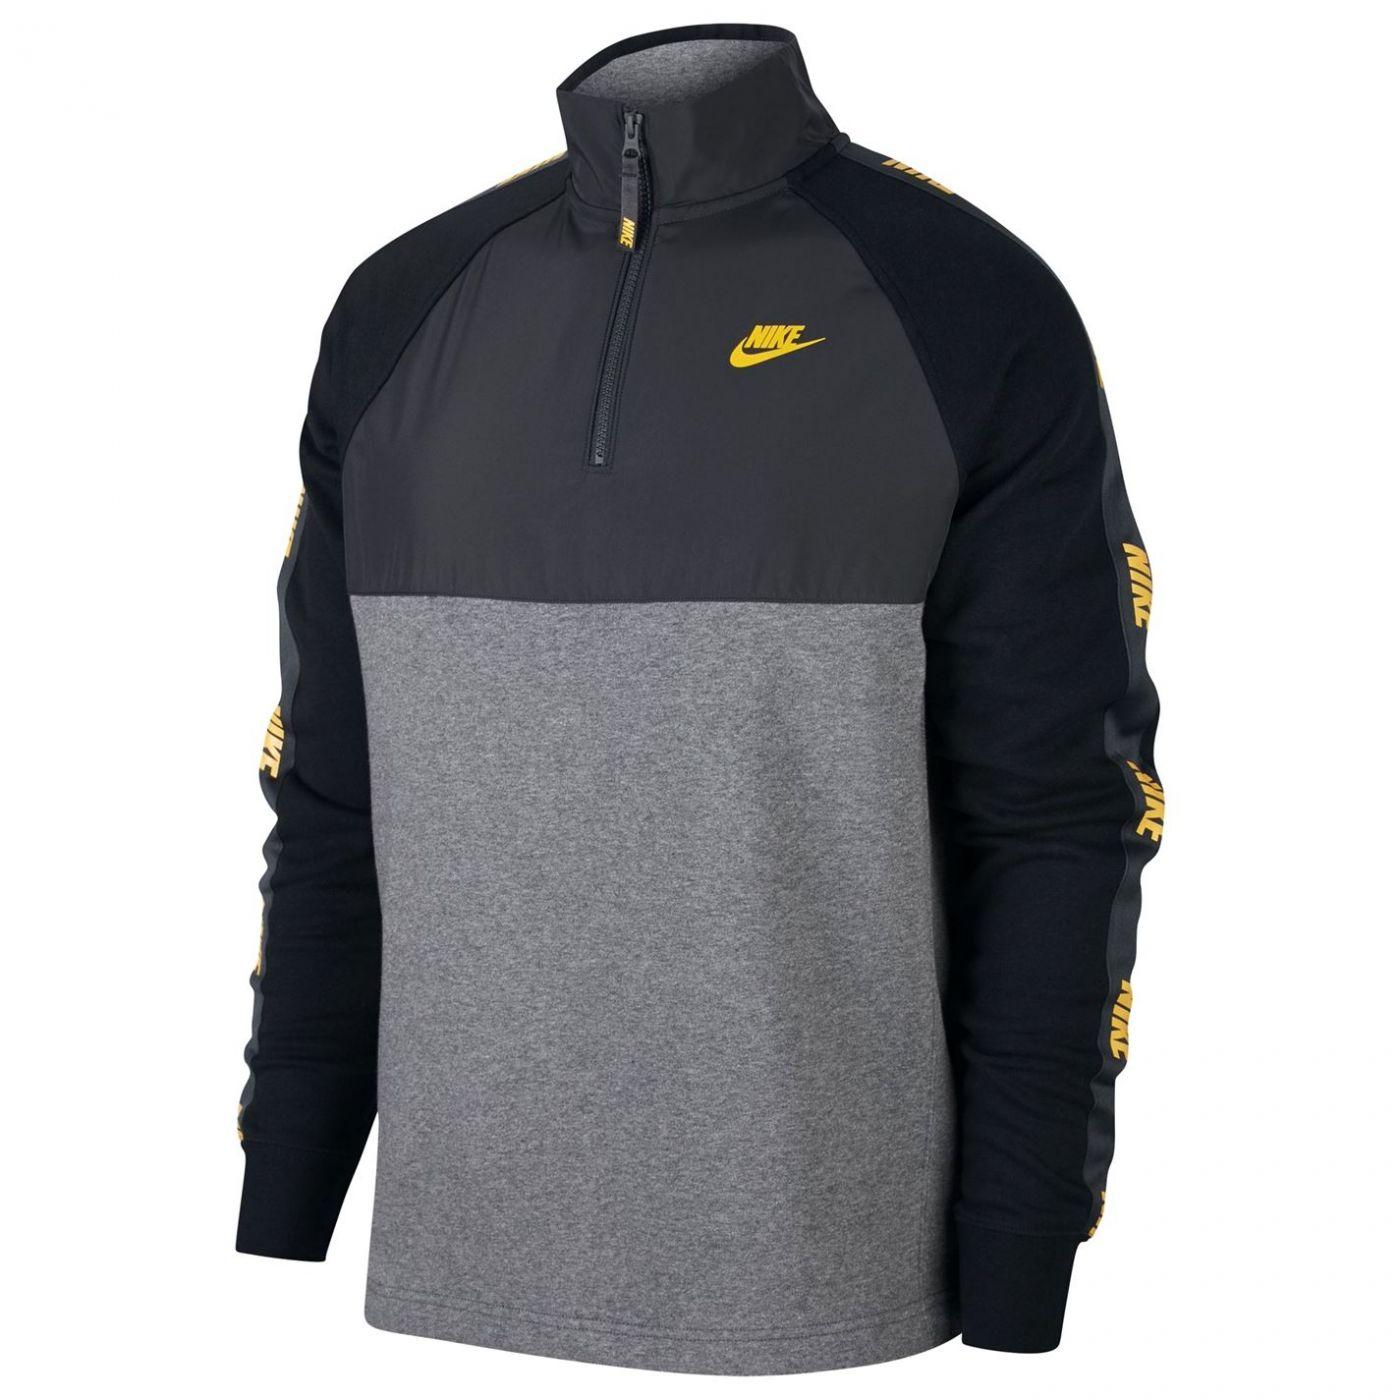 Men's sweatshirt Nike Hybrid Half-Zip